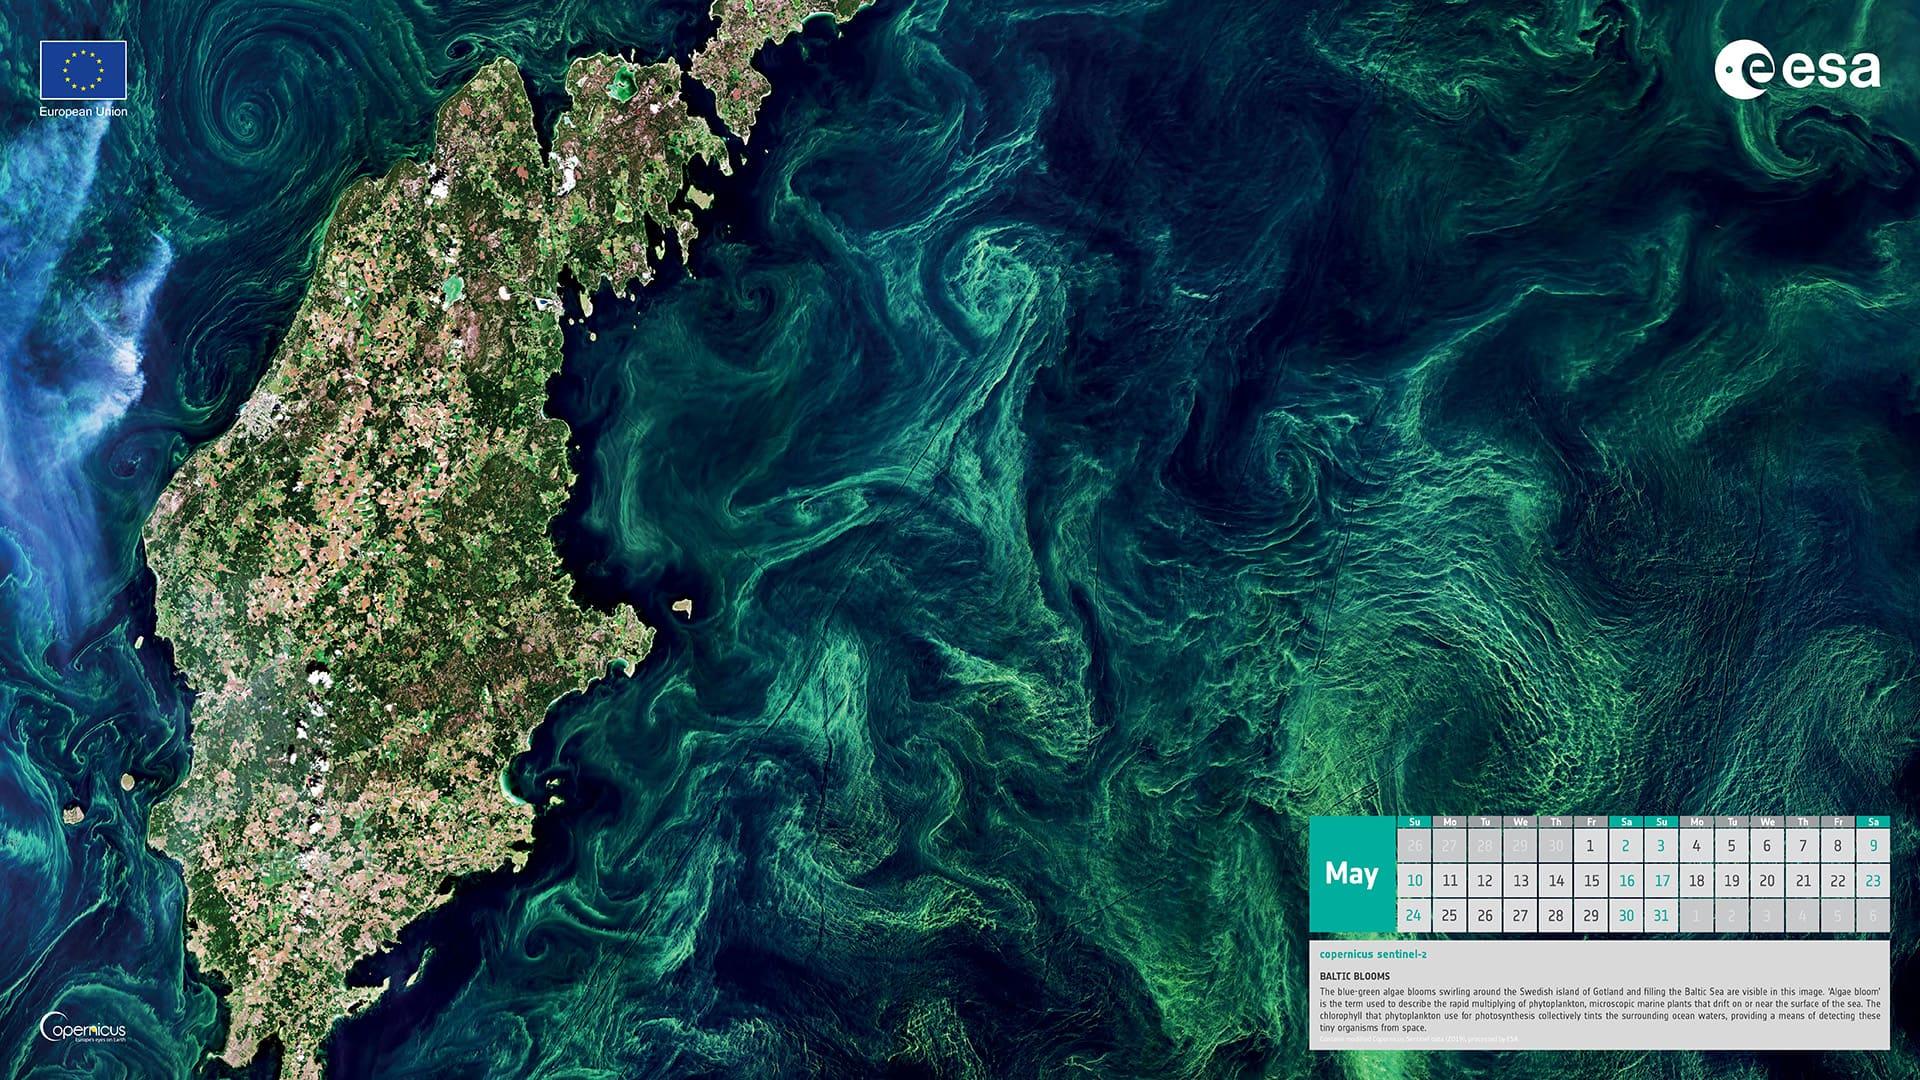 Mai 2020 - bloom en mer Baltique près de l'île de Gotland (Suède)